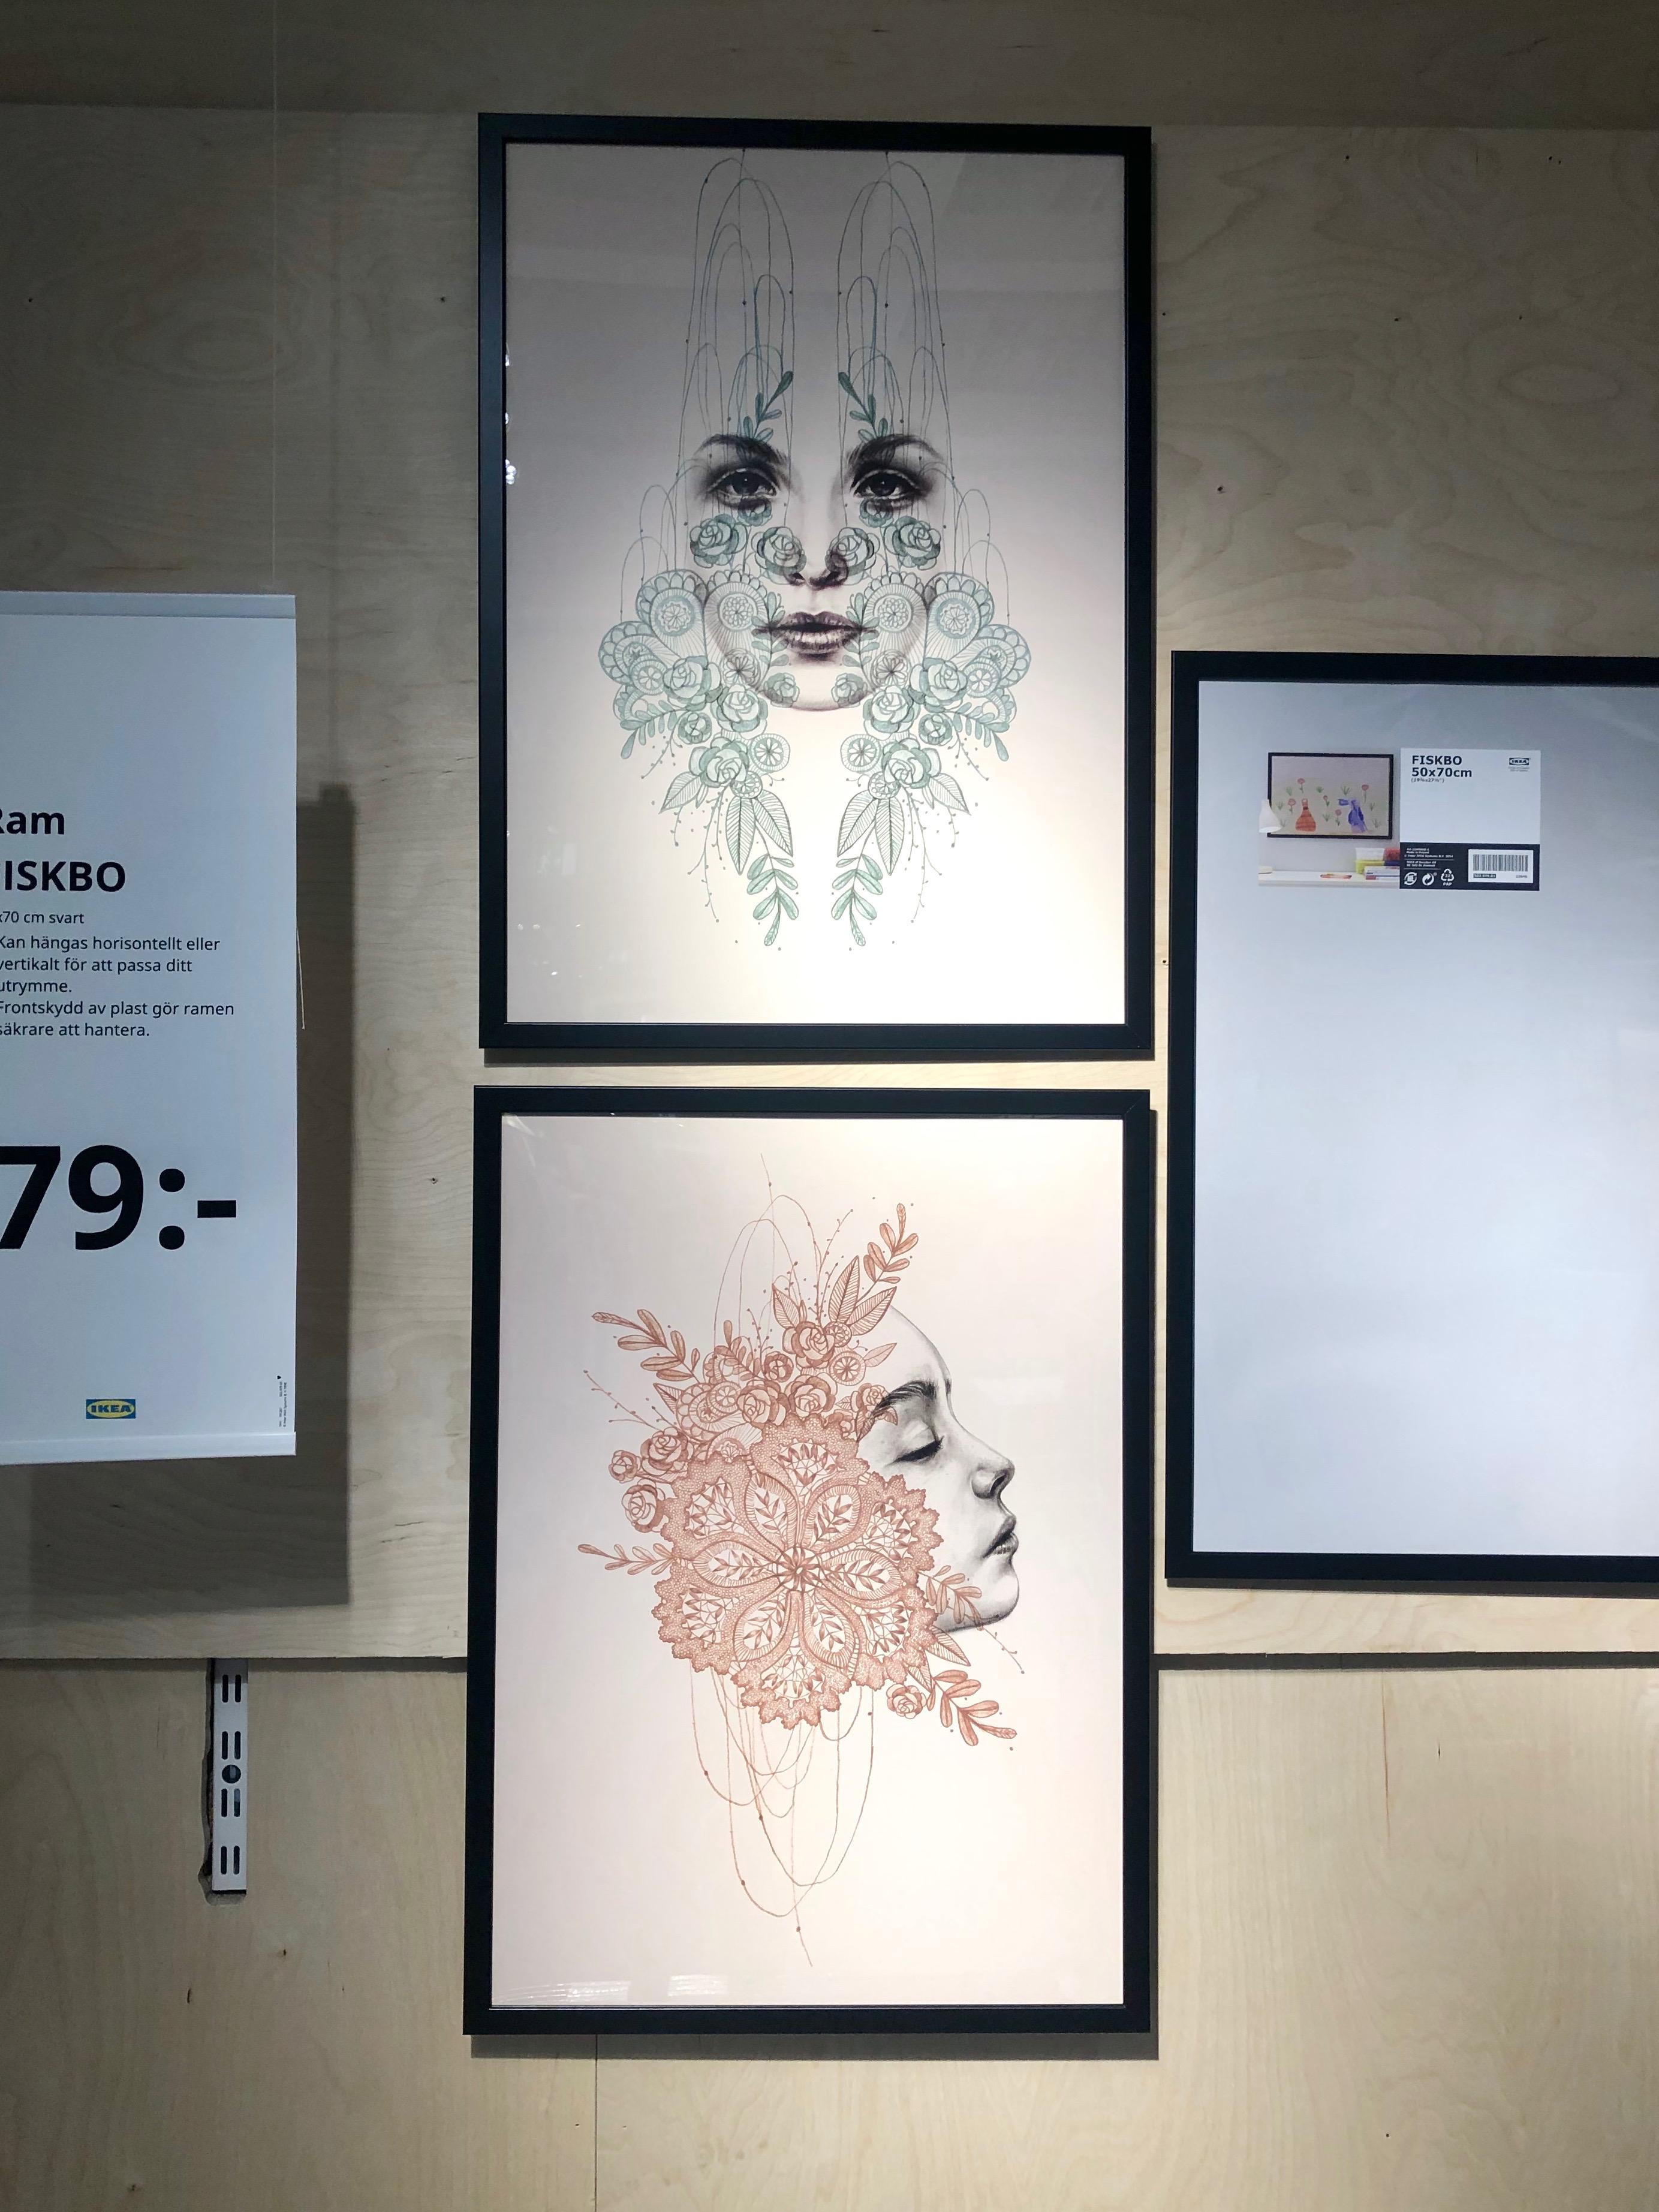 Ikea in Store